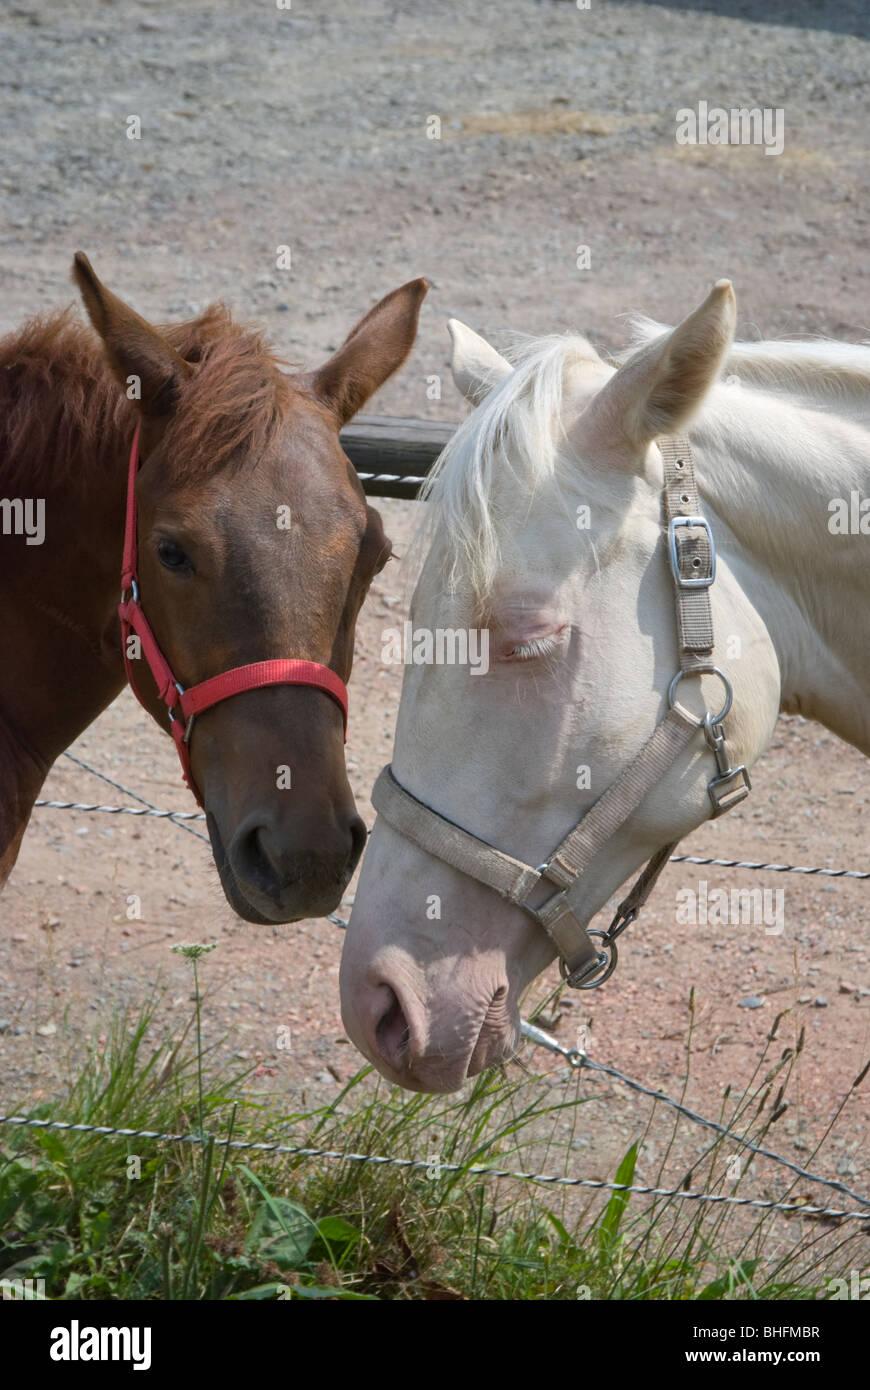 Imagen de dos sleepy yearling caballos con orejas hacia abajo y la cabeza inclinada, mirando tímido, triste Imagen De Stock